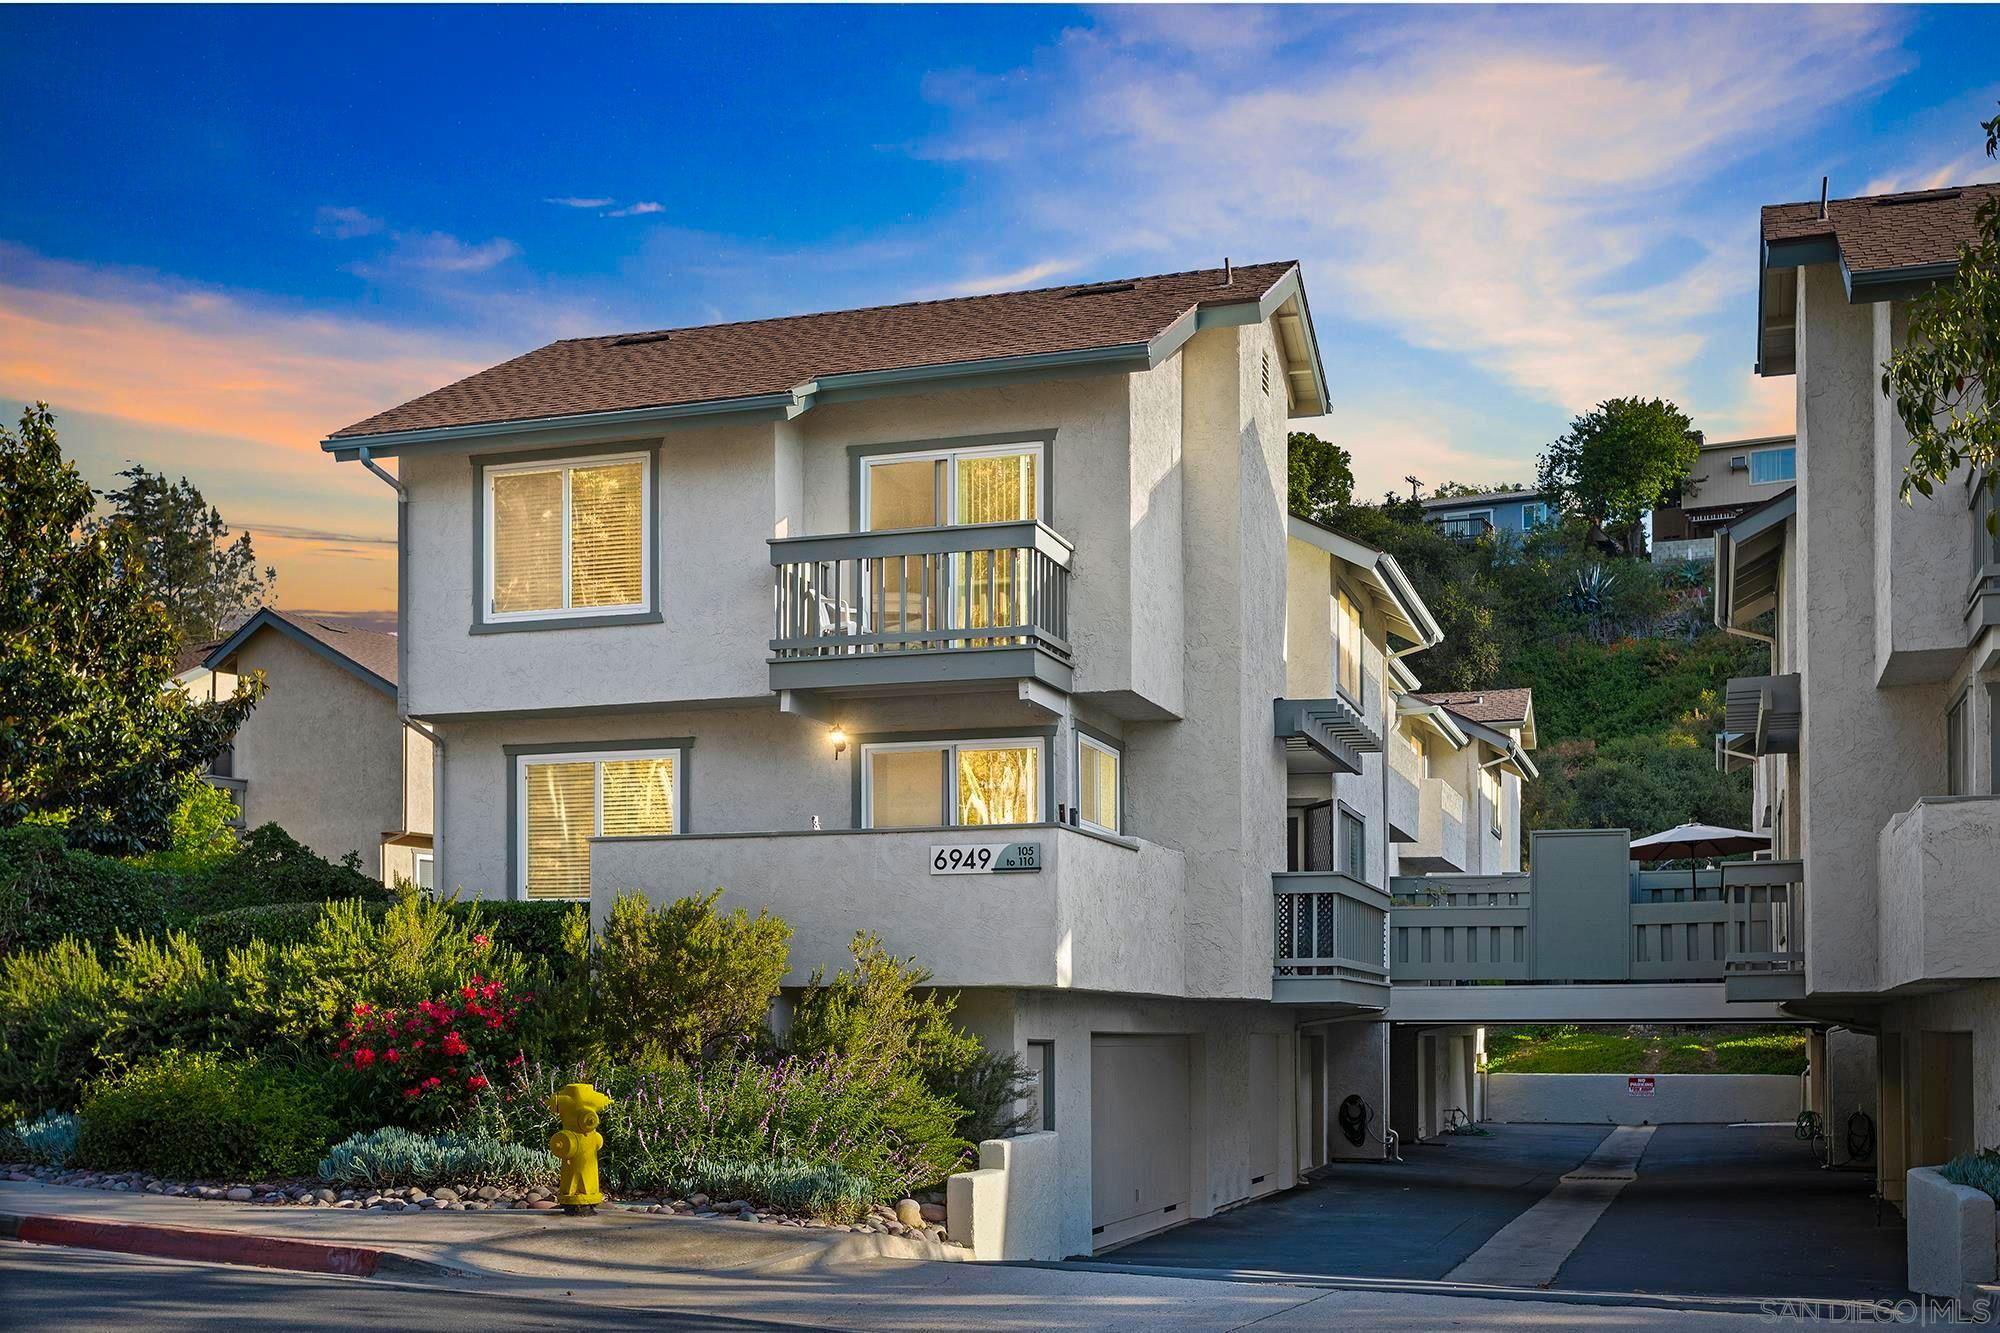 Main Photo: SAN DIEGO Condo for sale : 1 bedrooms : 6949 Park Mesa Way, Unit 109